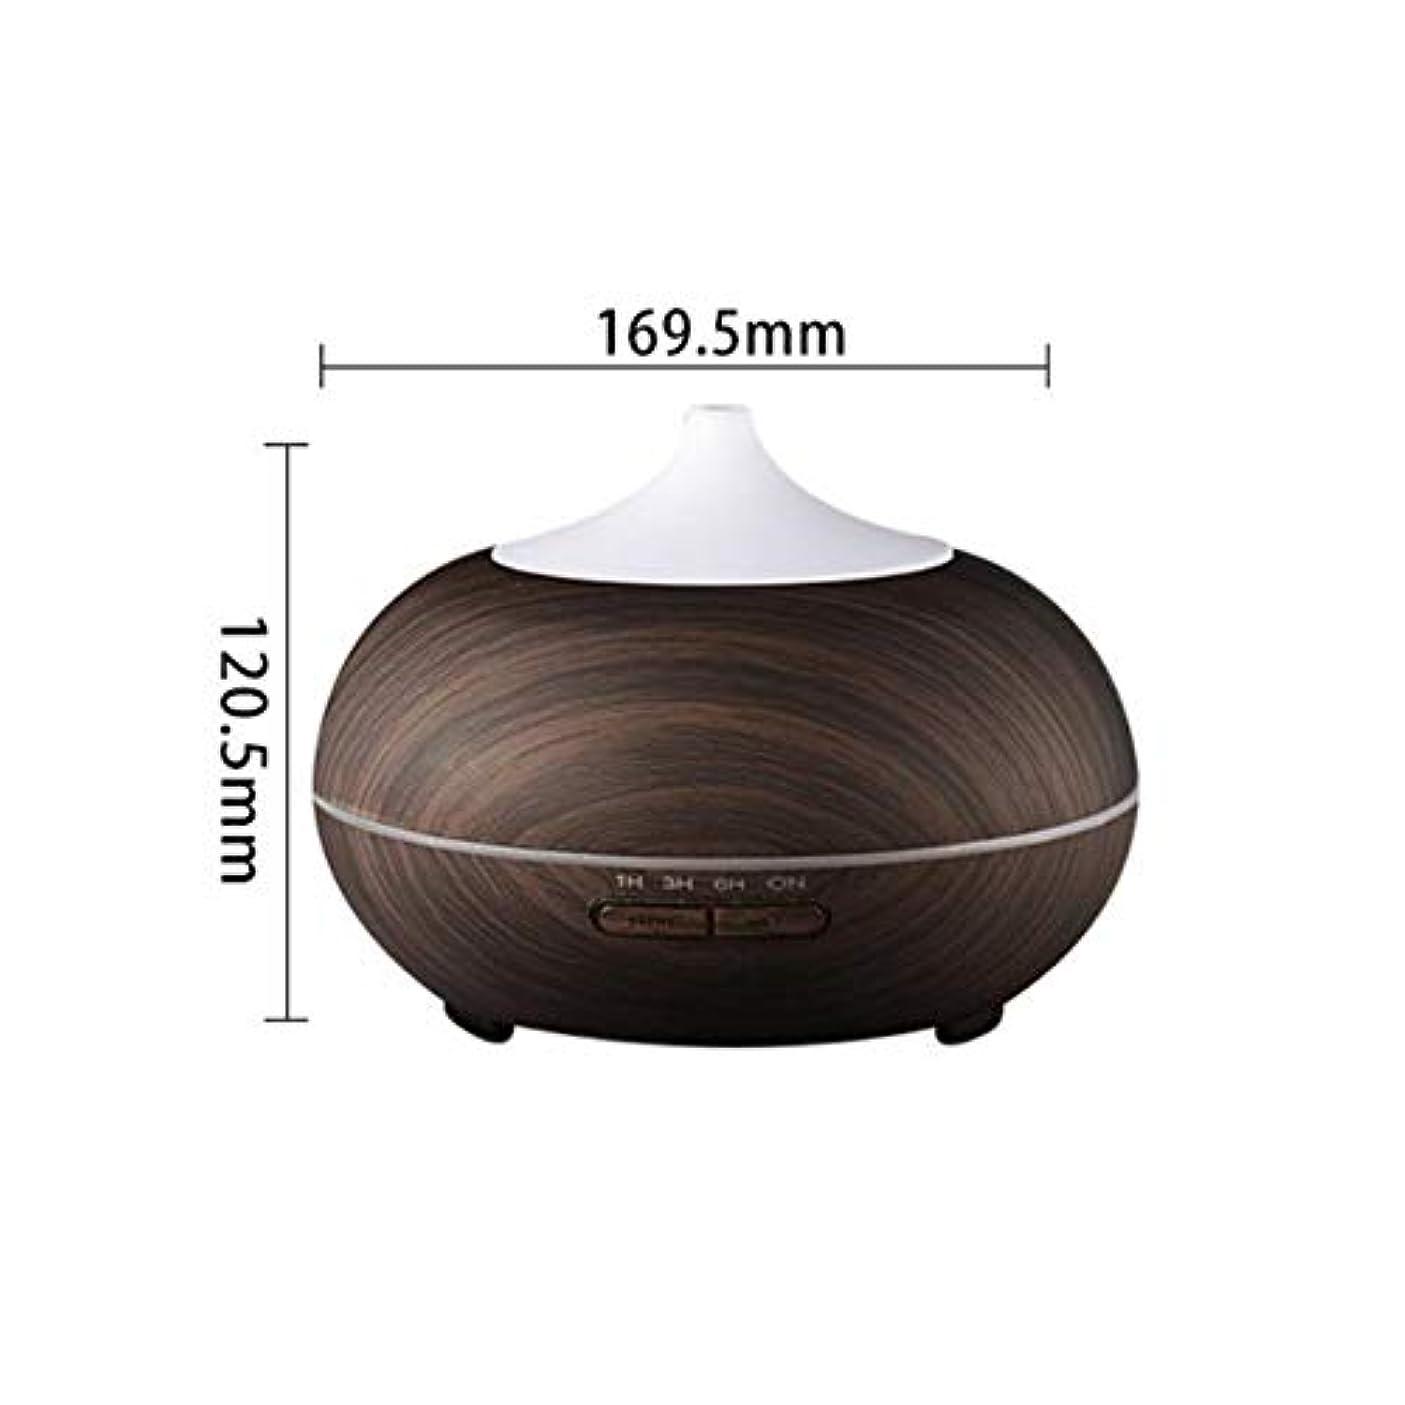 ペニー気難しい醸造所木目 涼しい霧 加湿器,7 色 空気を浄化 加湿機 時間 手動 Wifiアプリコントロール 精油 ディフューザー アロマネブライザー Yoga- 300ml